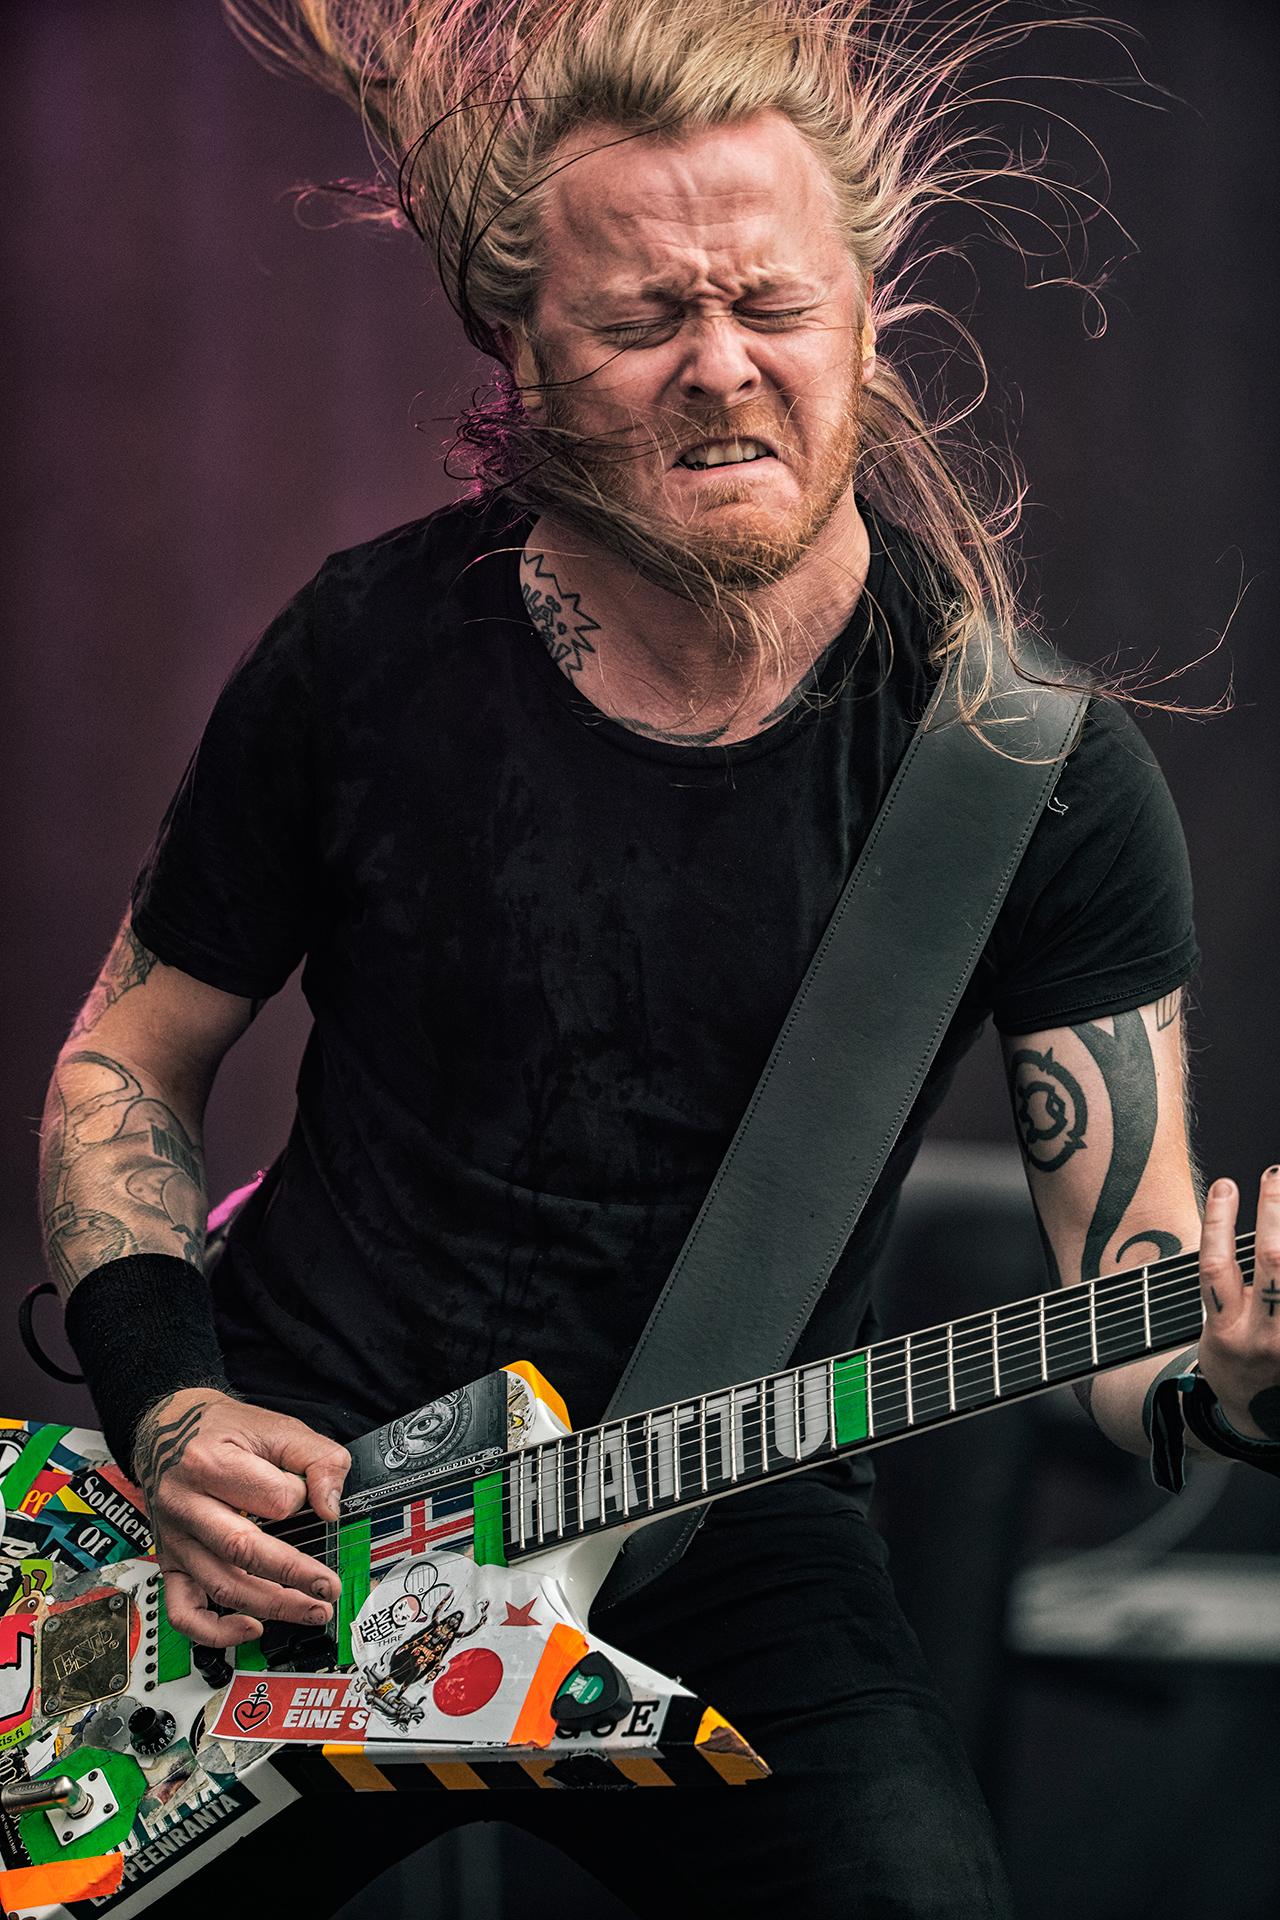 Antti Hyyrynen, Stam1na band, Tuska metal festival